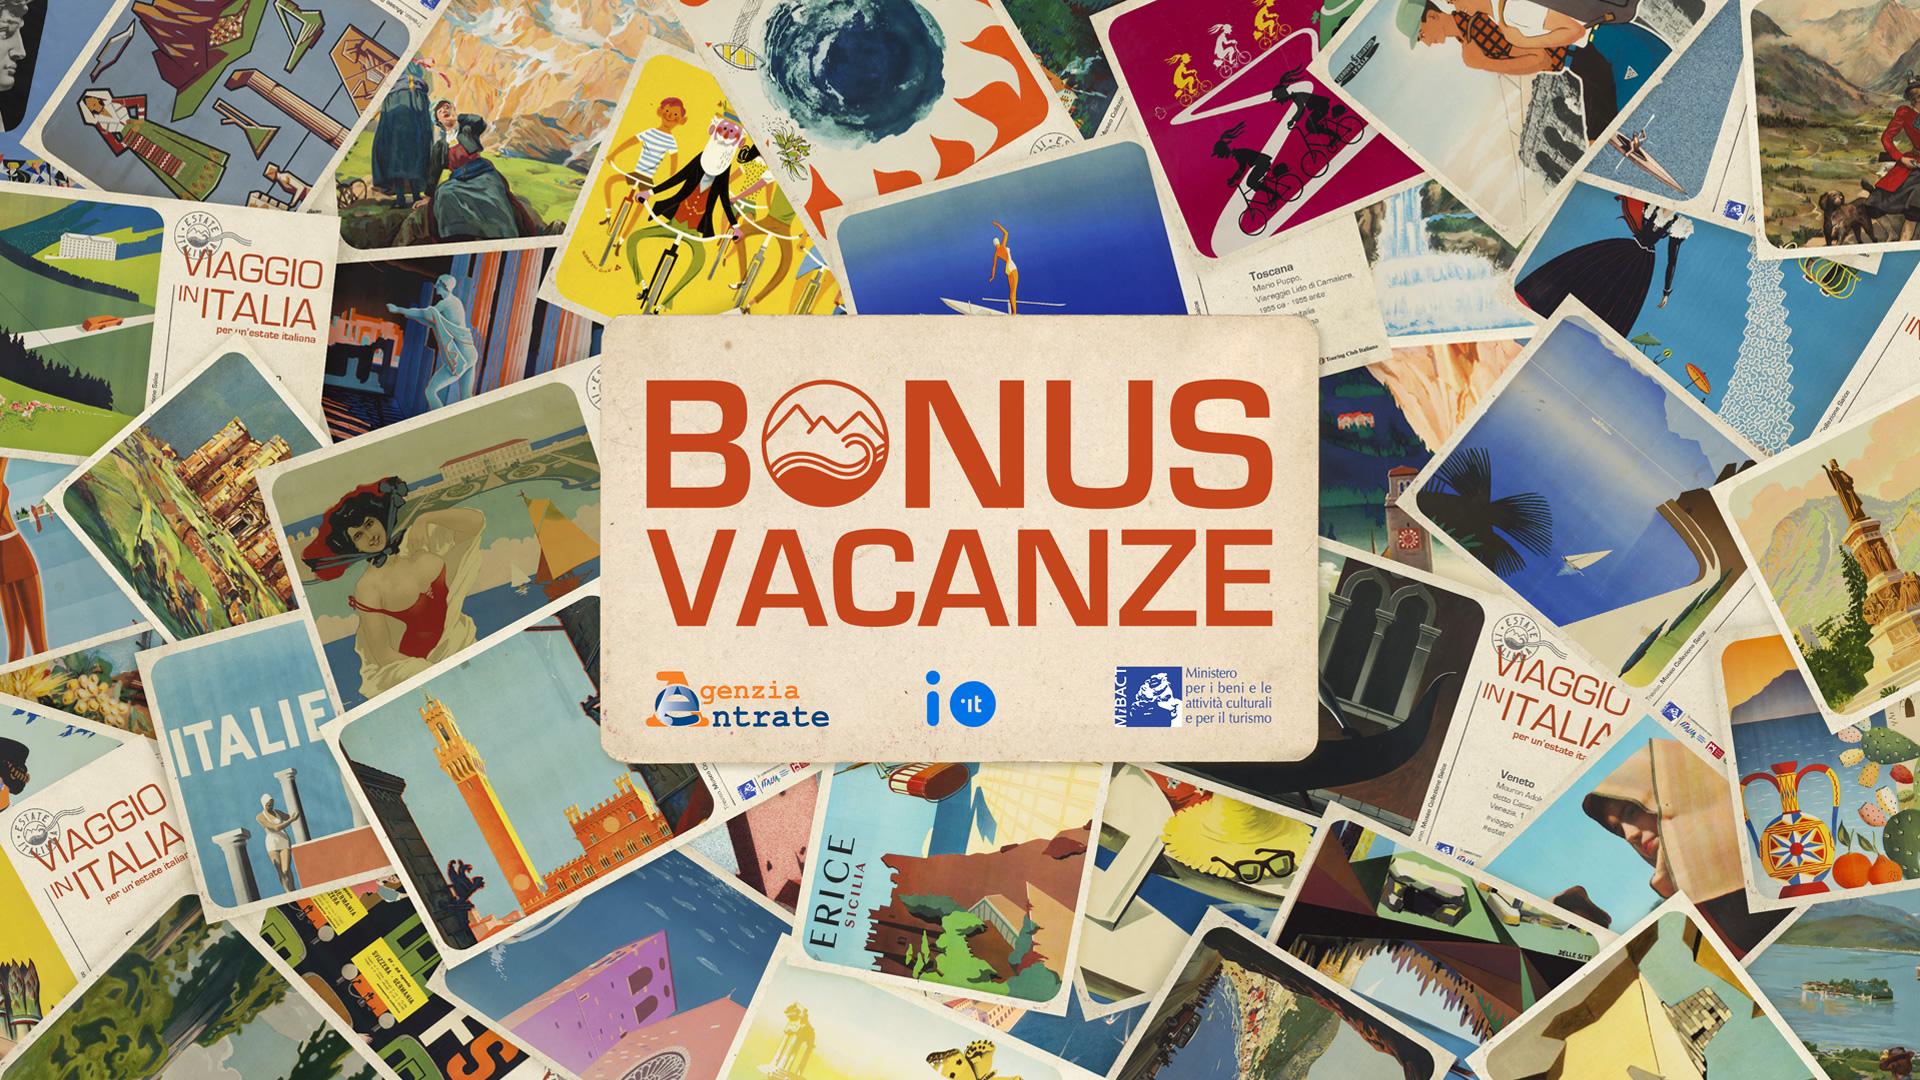 Ha un Bonus Vacanze?